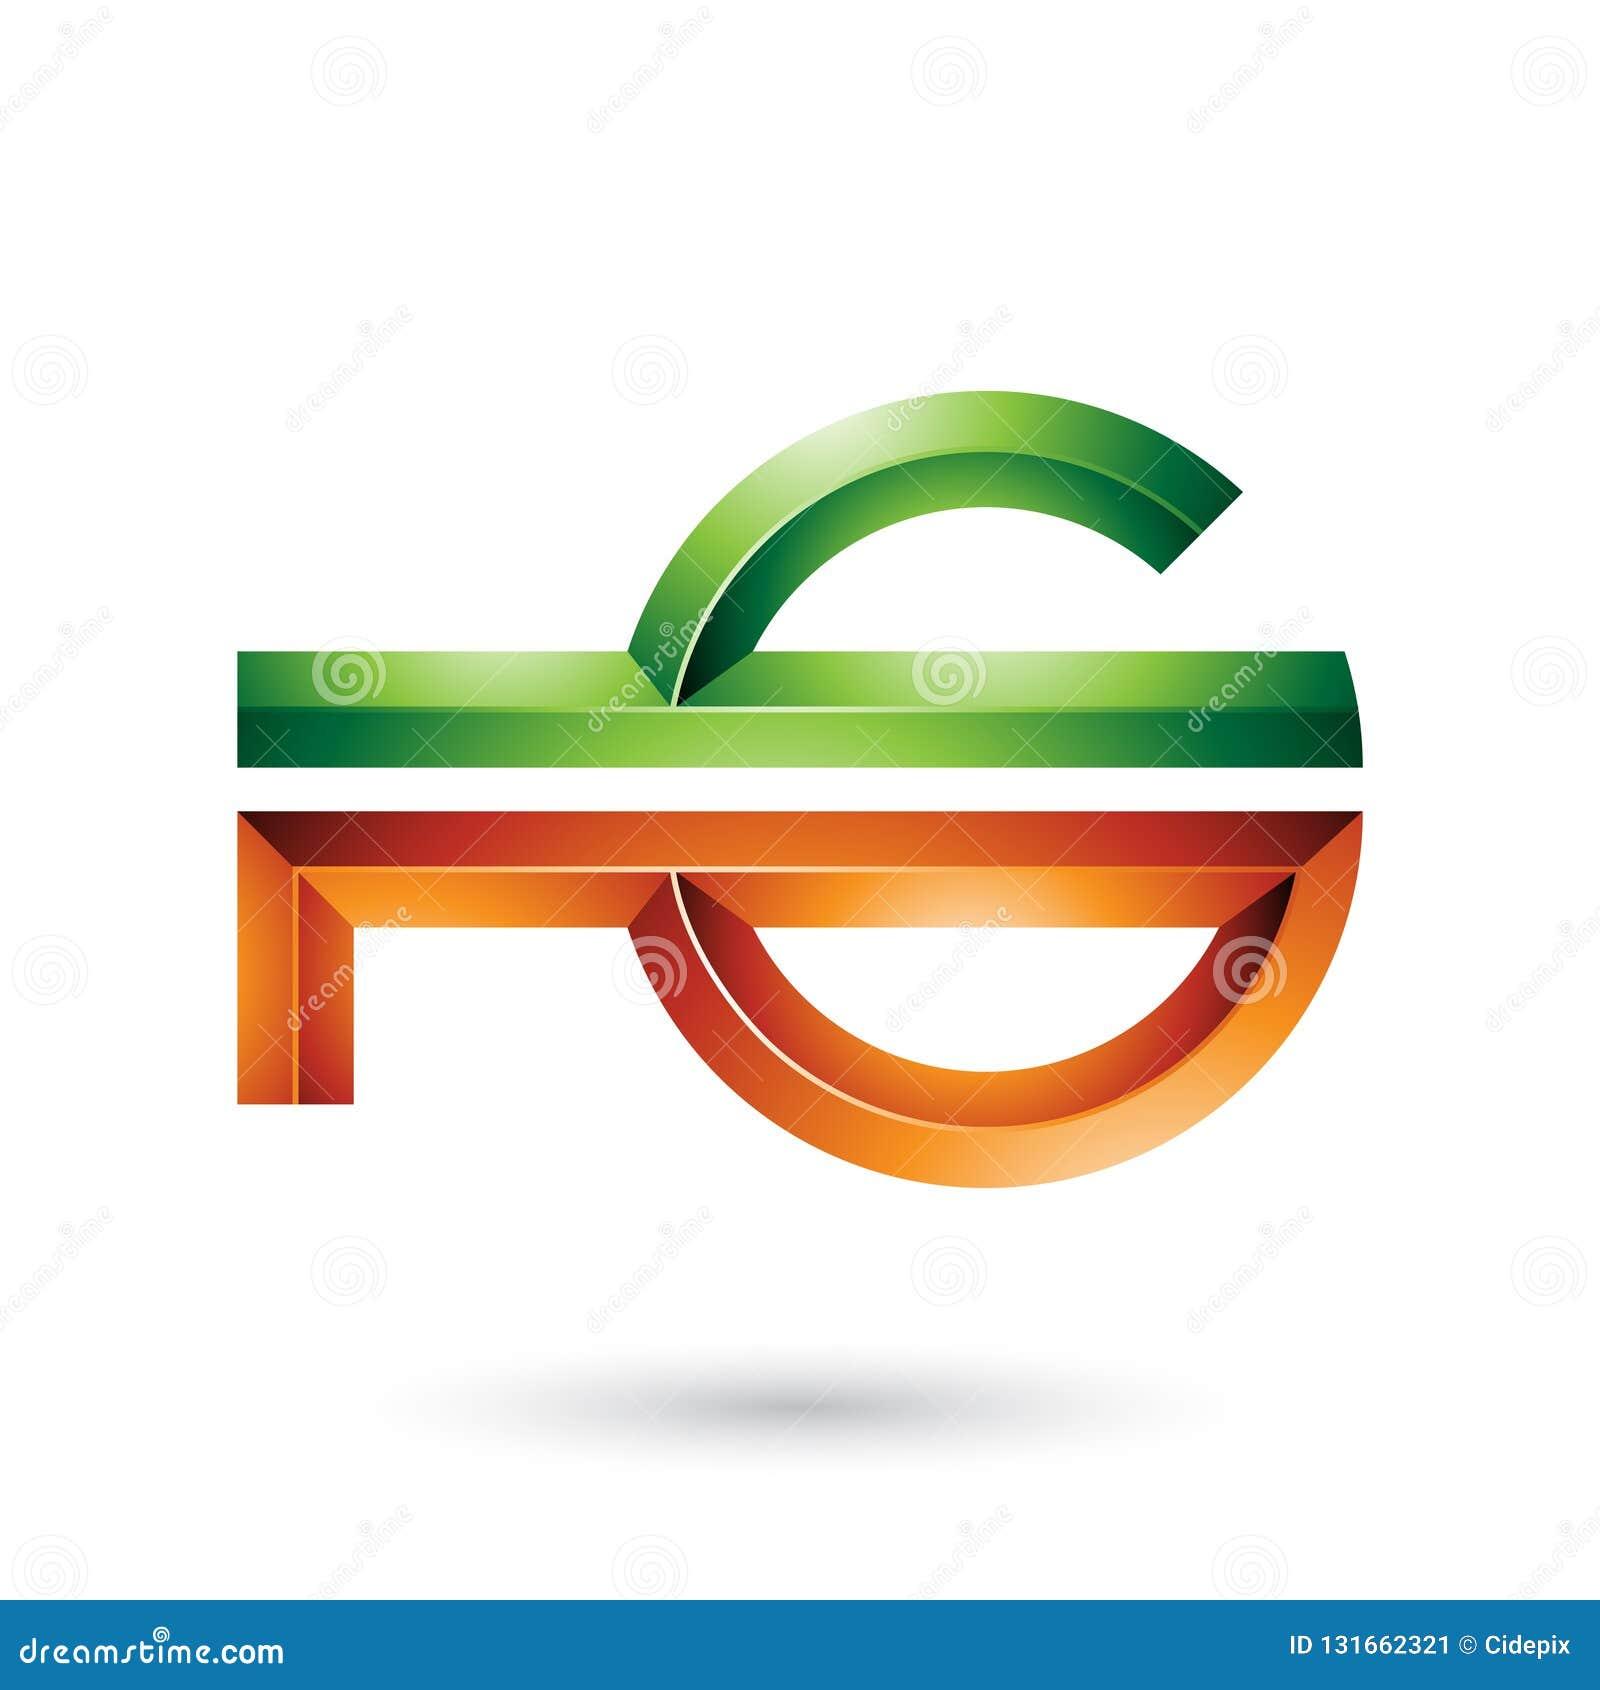 Orange und grünes abstraktes Schlüssel ähnliches Symbol lokalisiert auf einem weißen Hintergrund